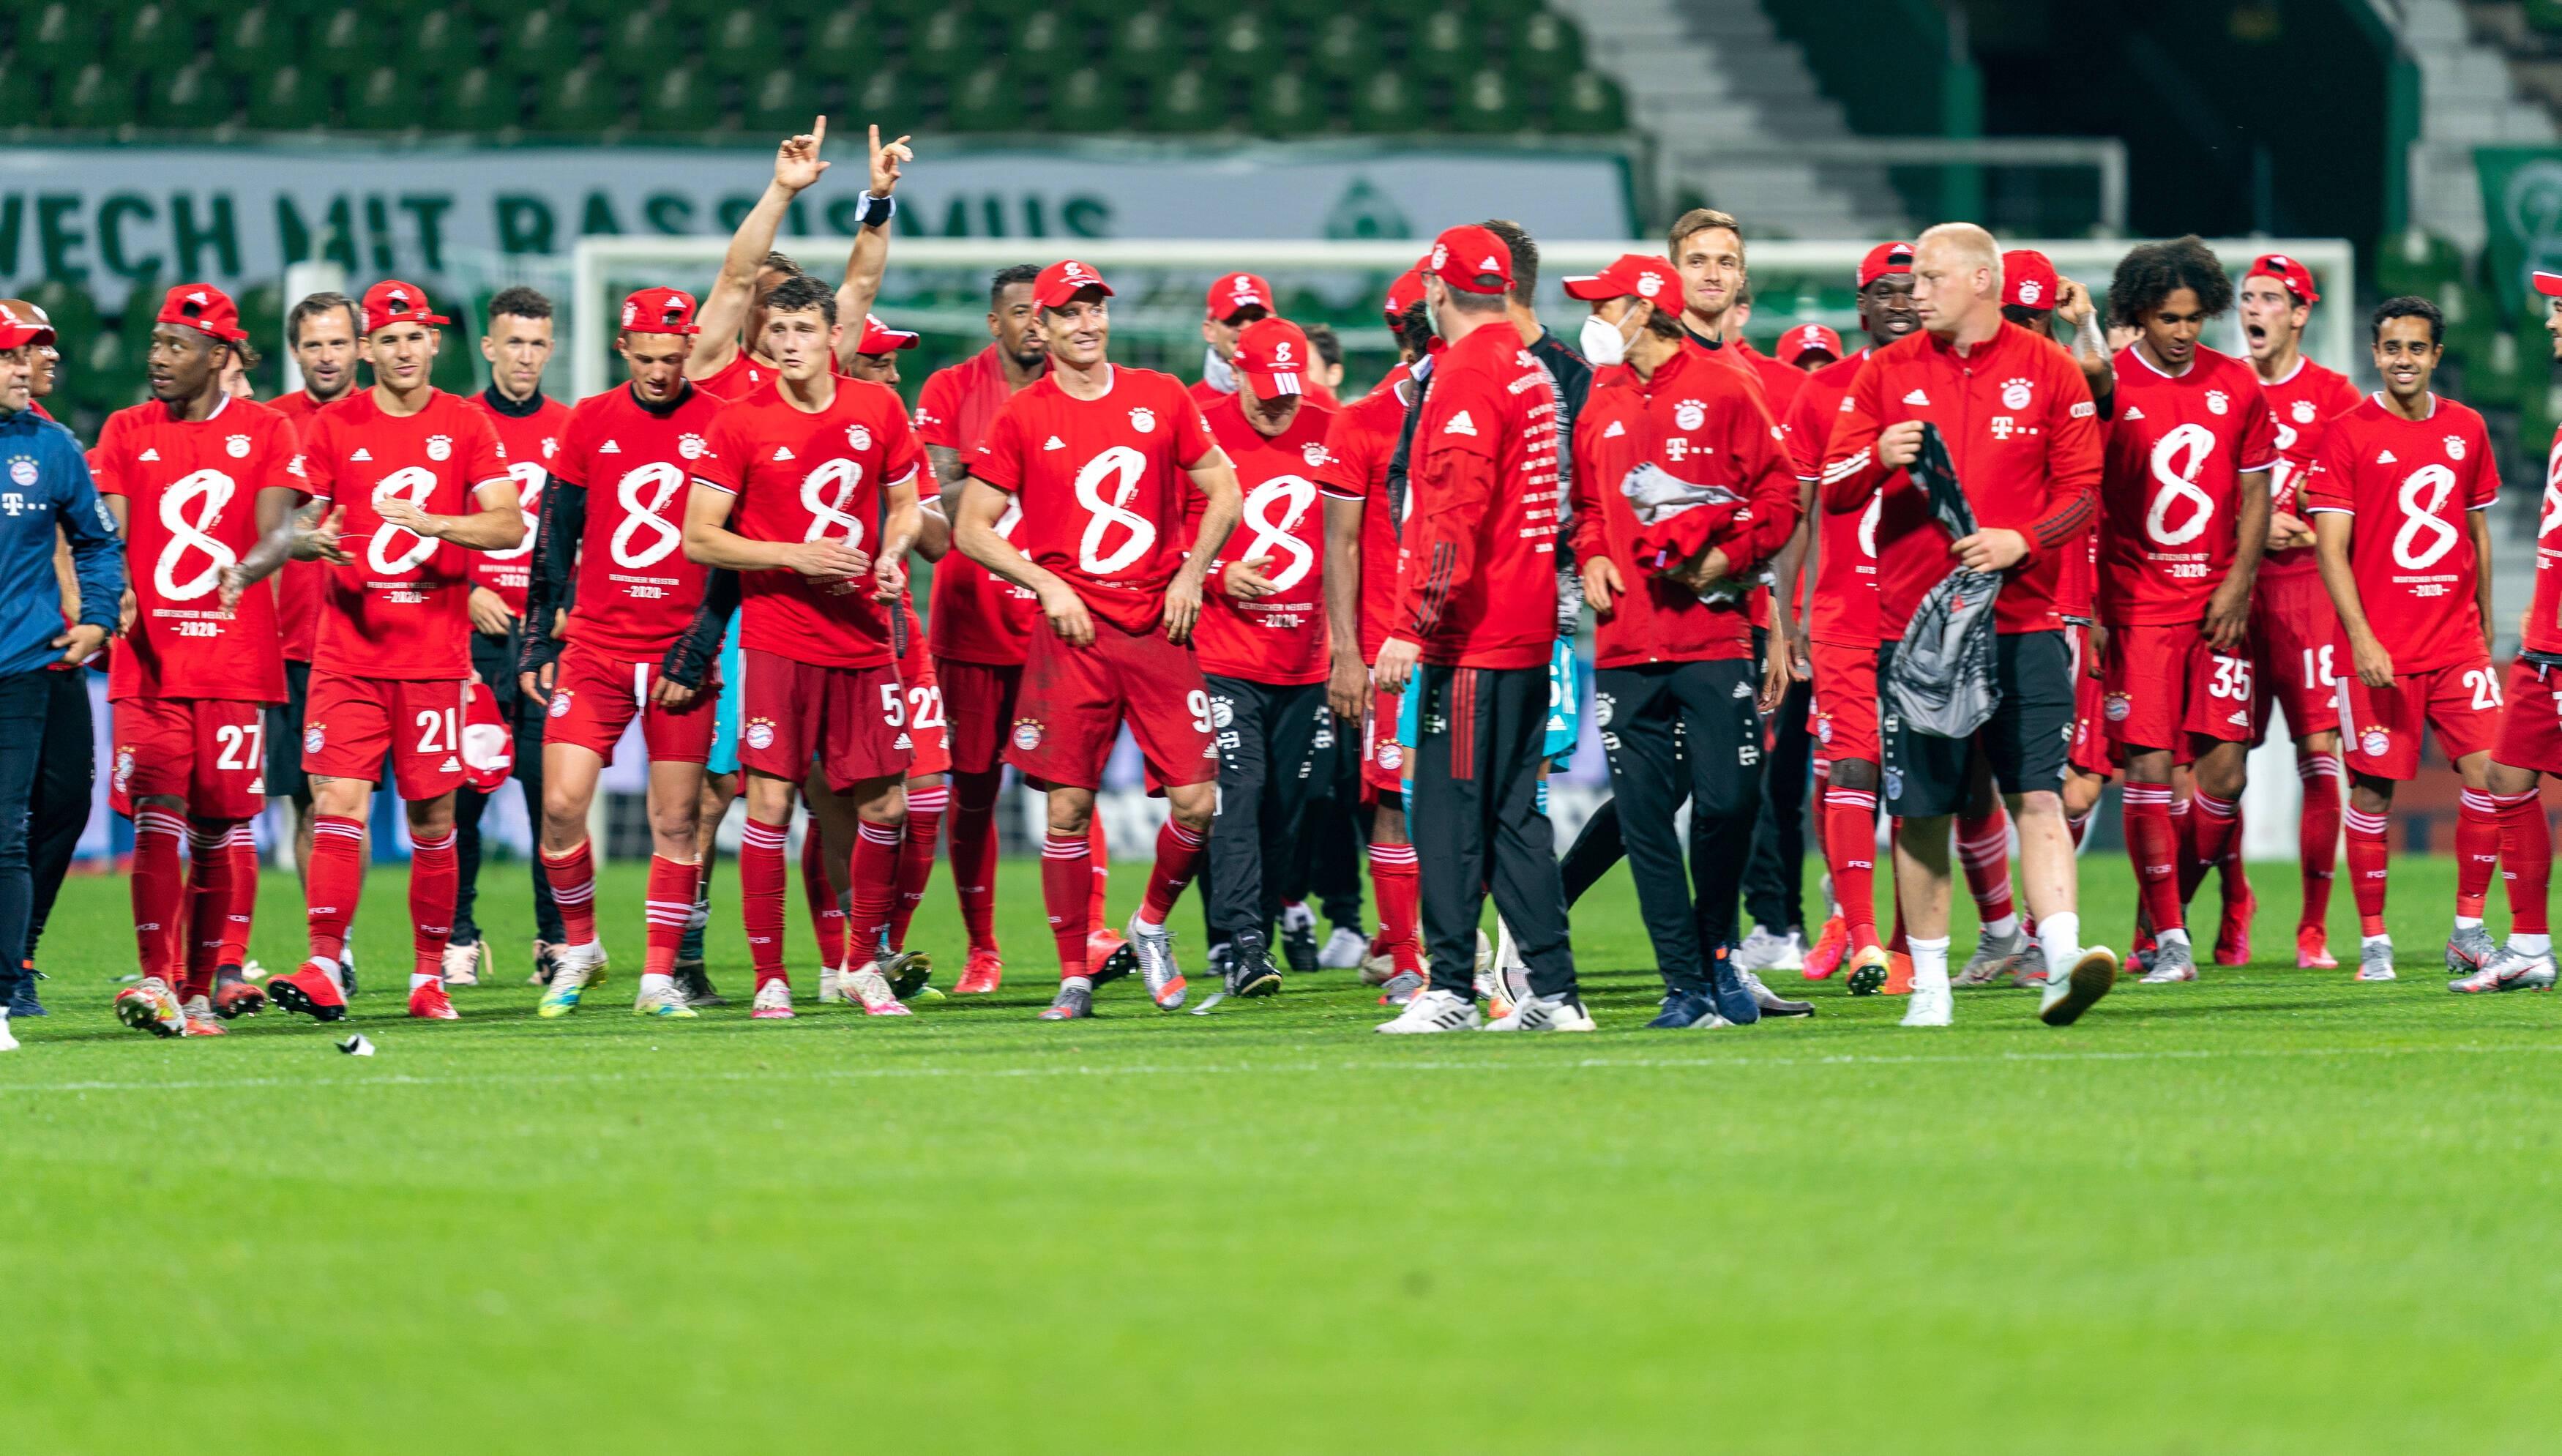 Football - Etranger - Vidéo : les huit titres consécutifs du Bayern Munich depuis 2013